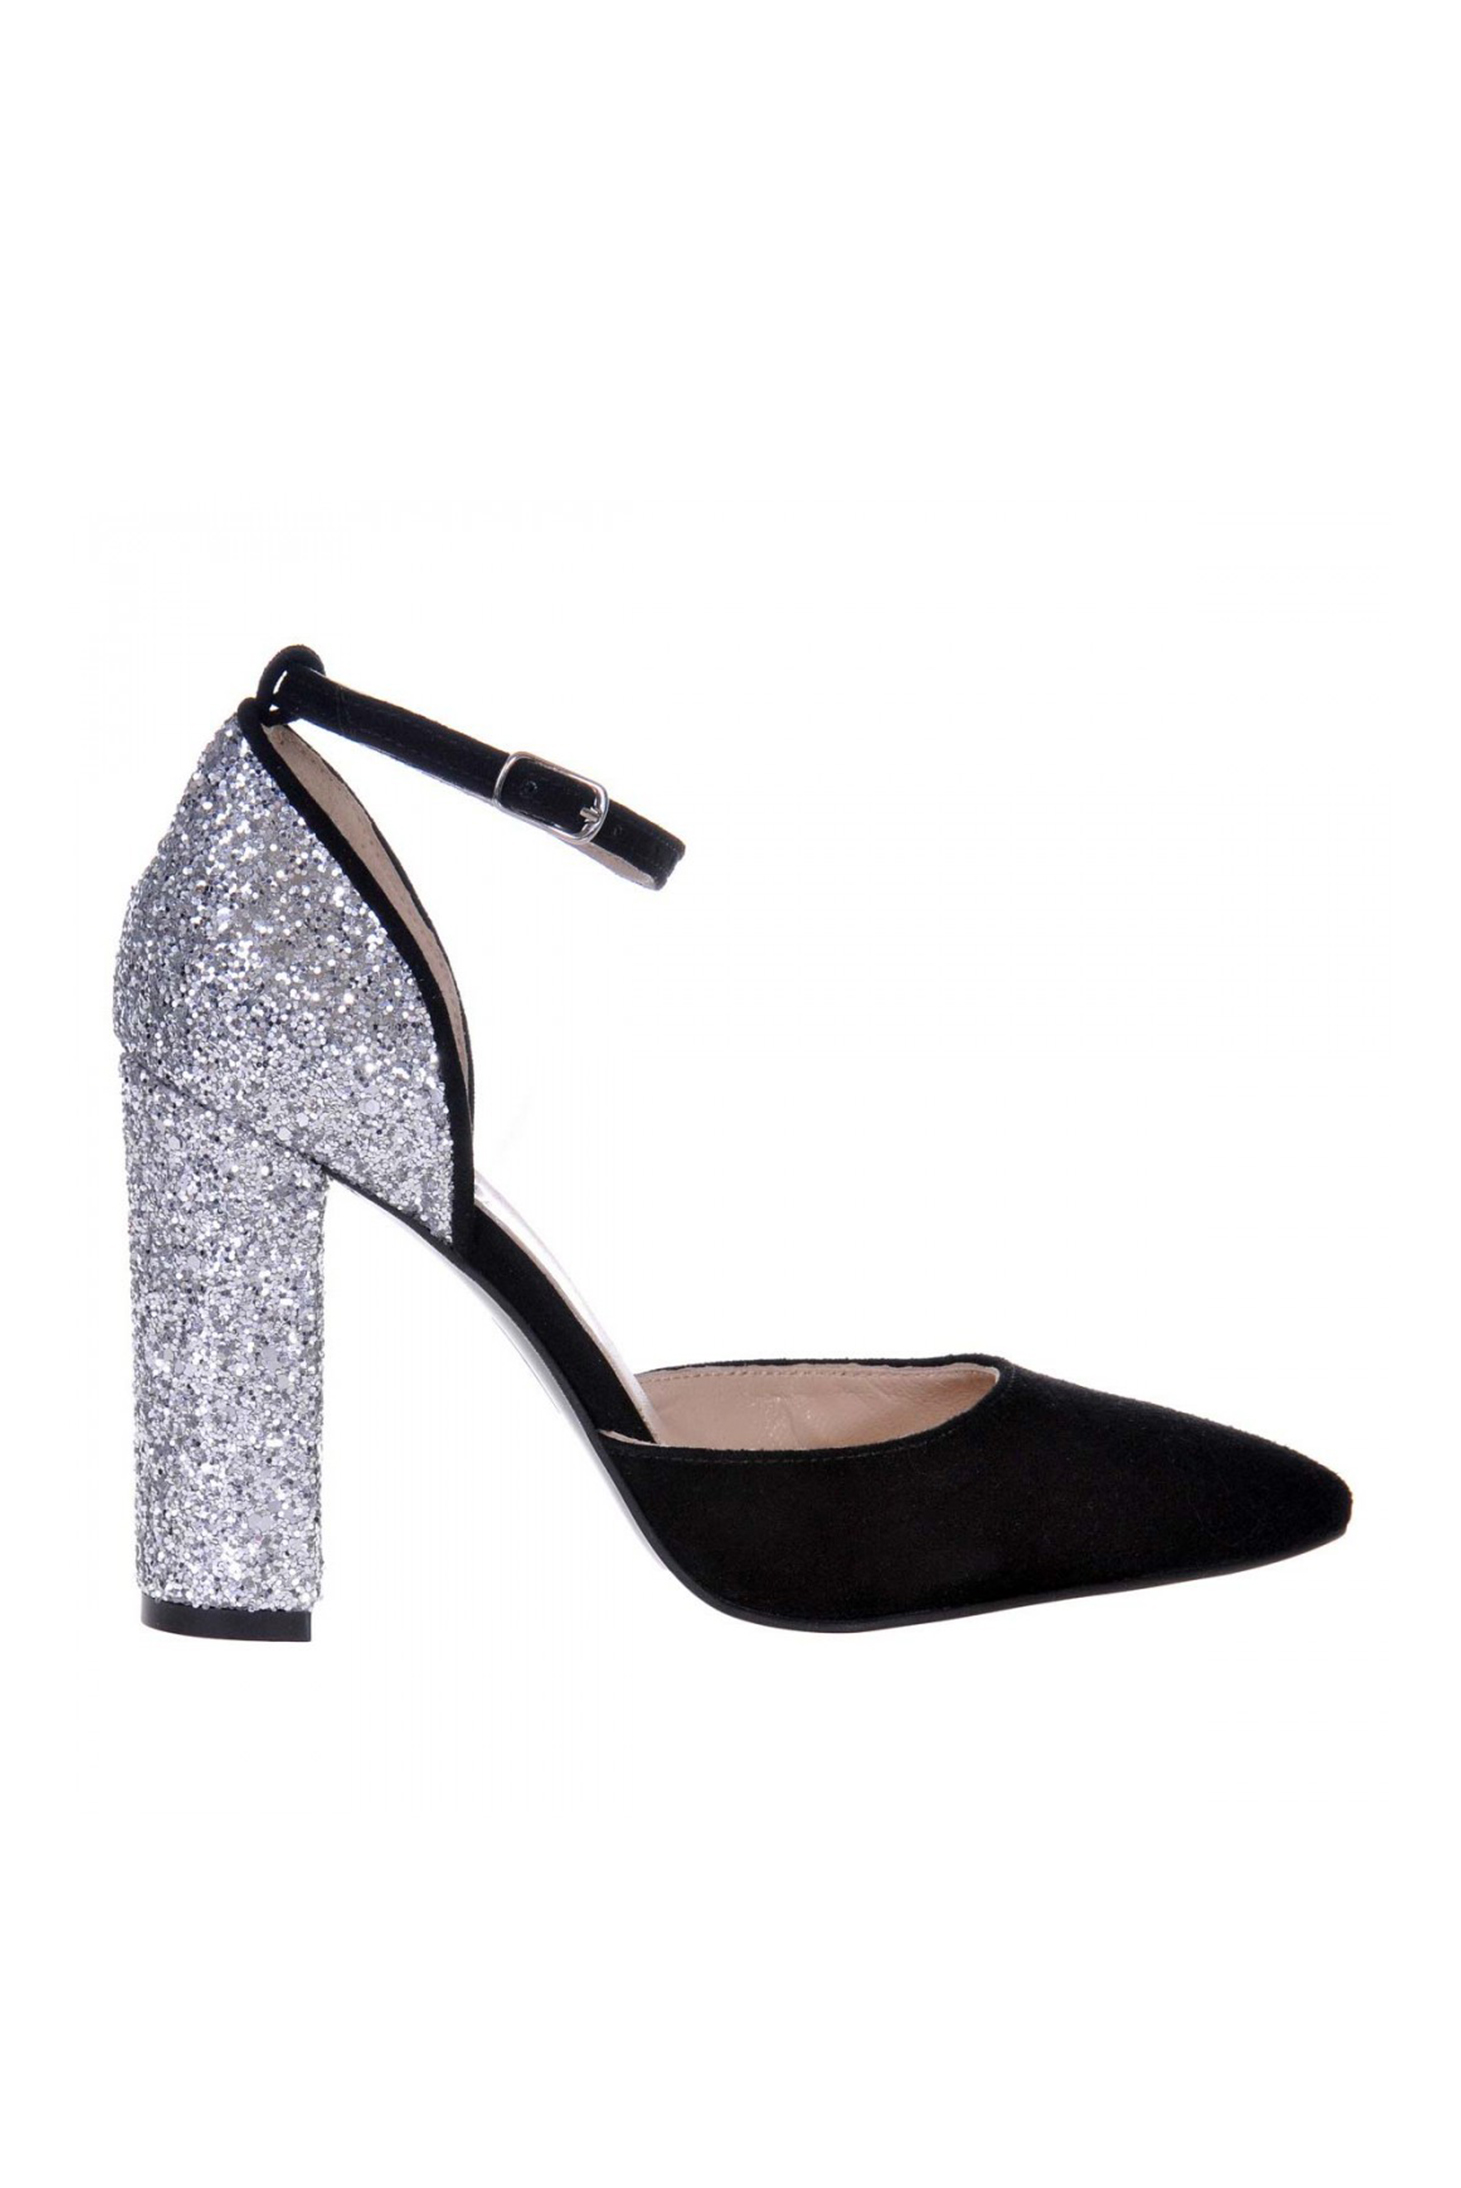 Pantofi argintiu din piele naturala cu aplicatii cu sclipici